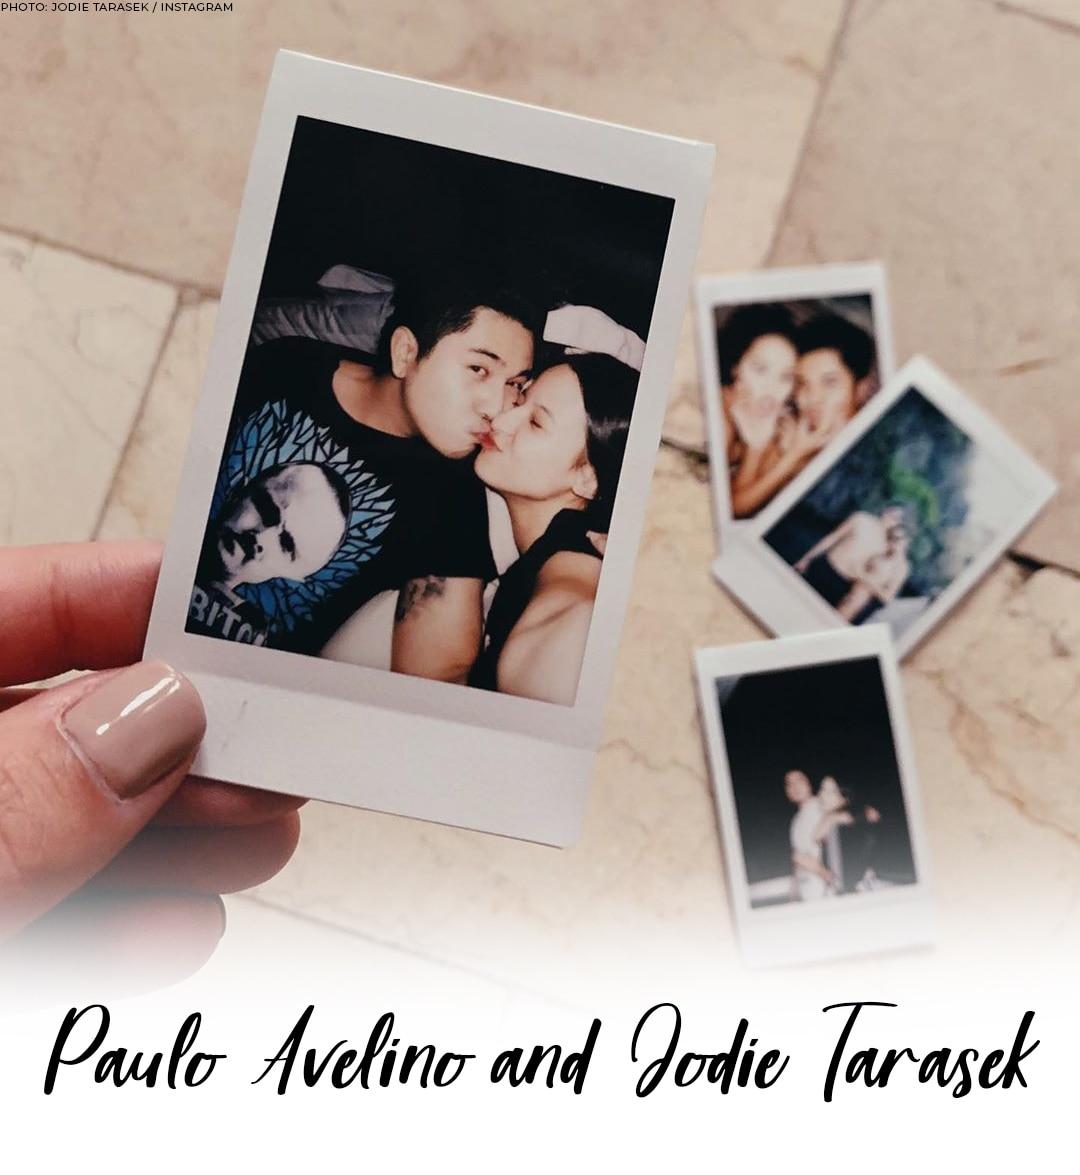 Paulo Avelino and Jodie Tarasek